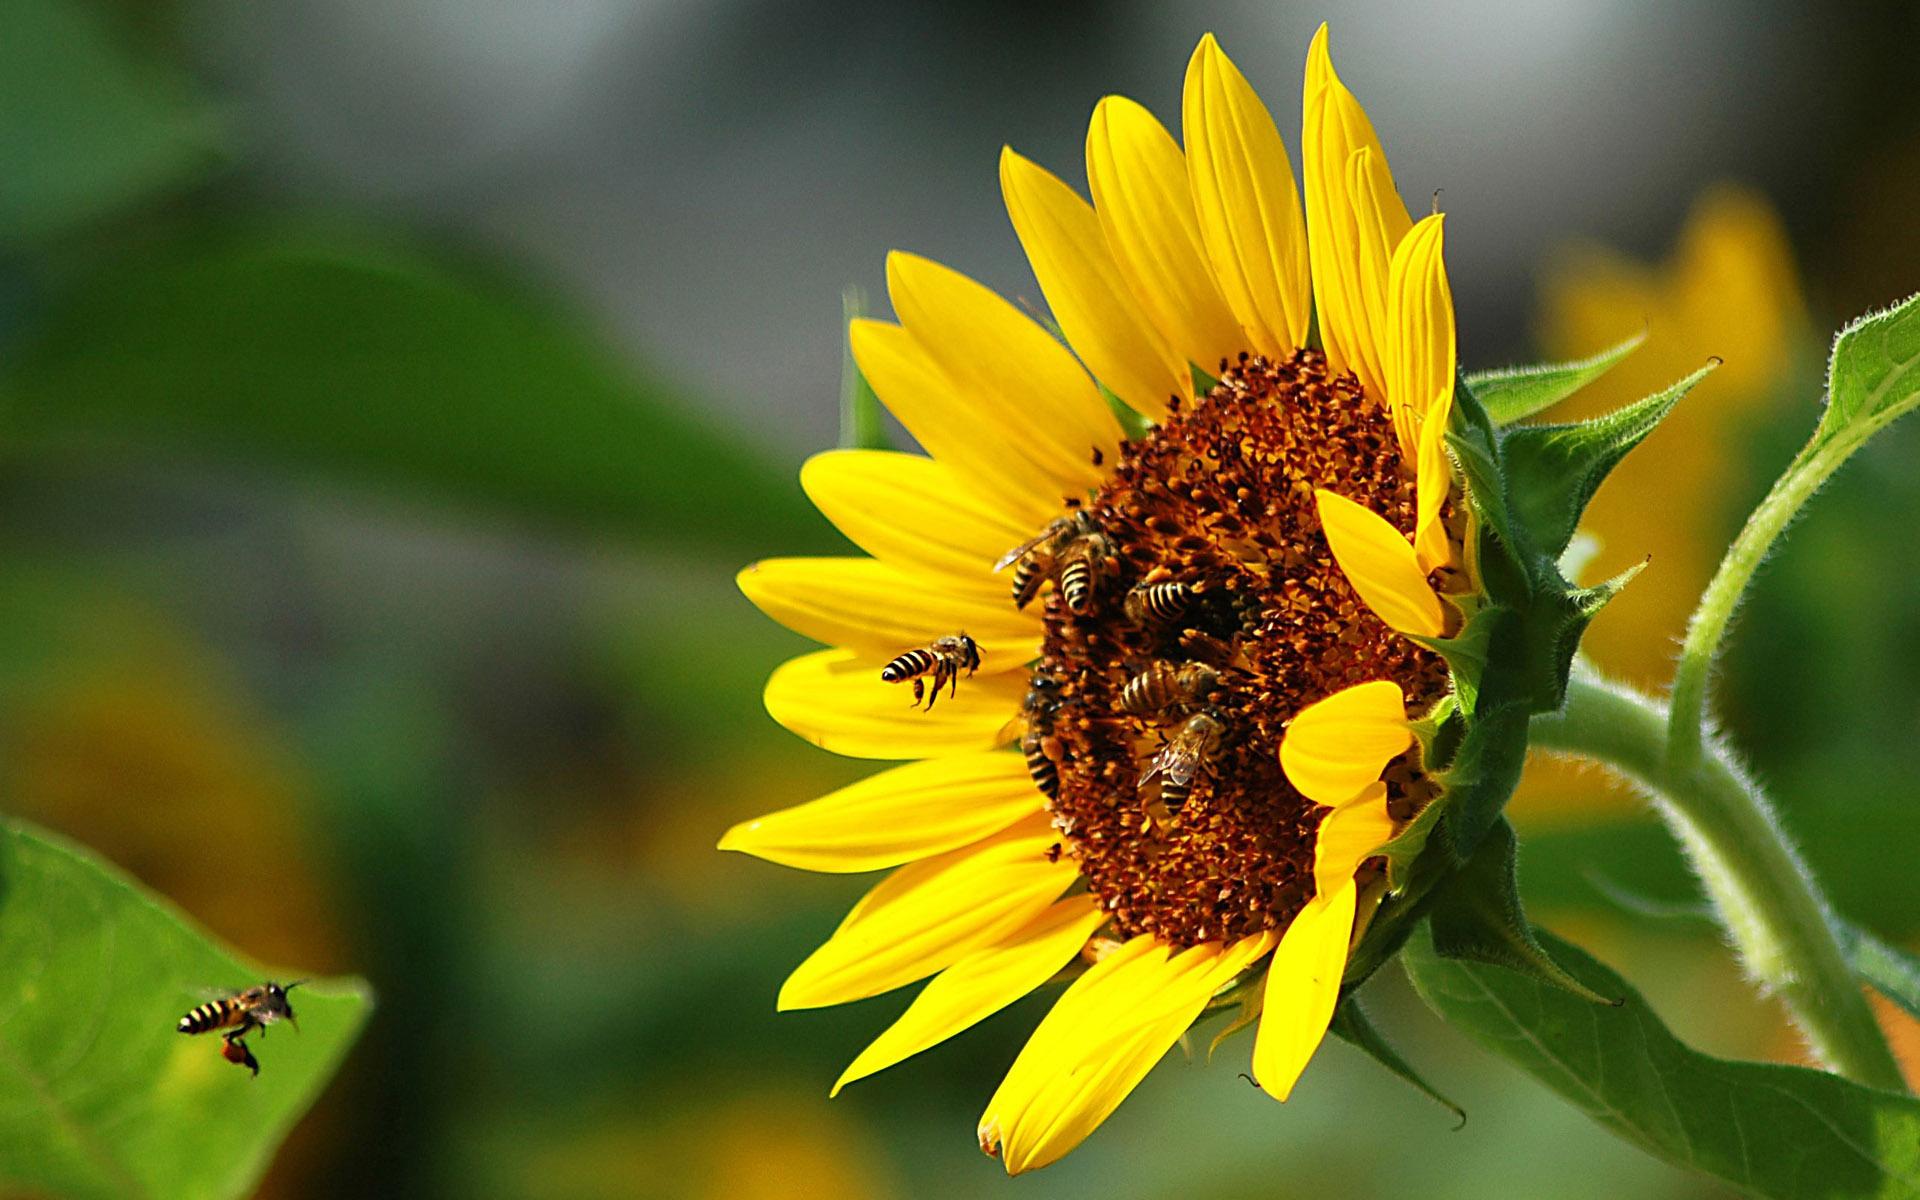 Пчела на подсолнухе без смс